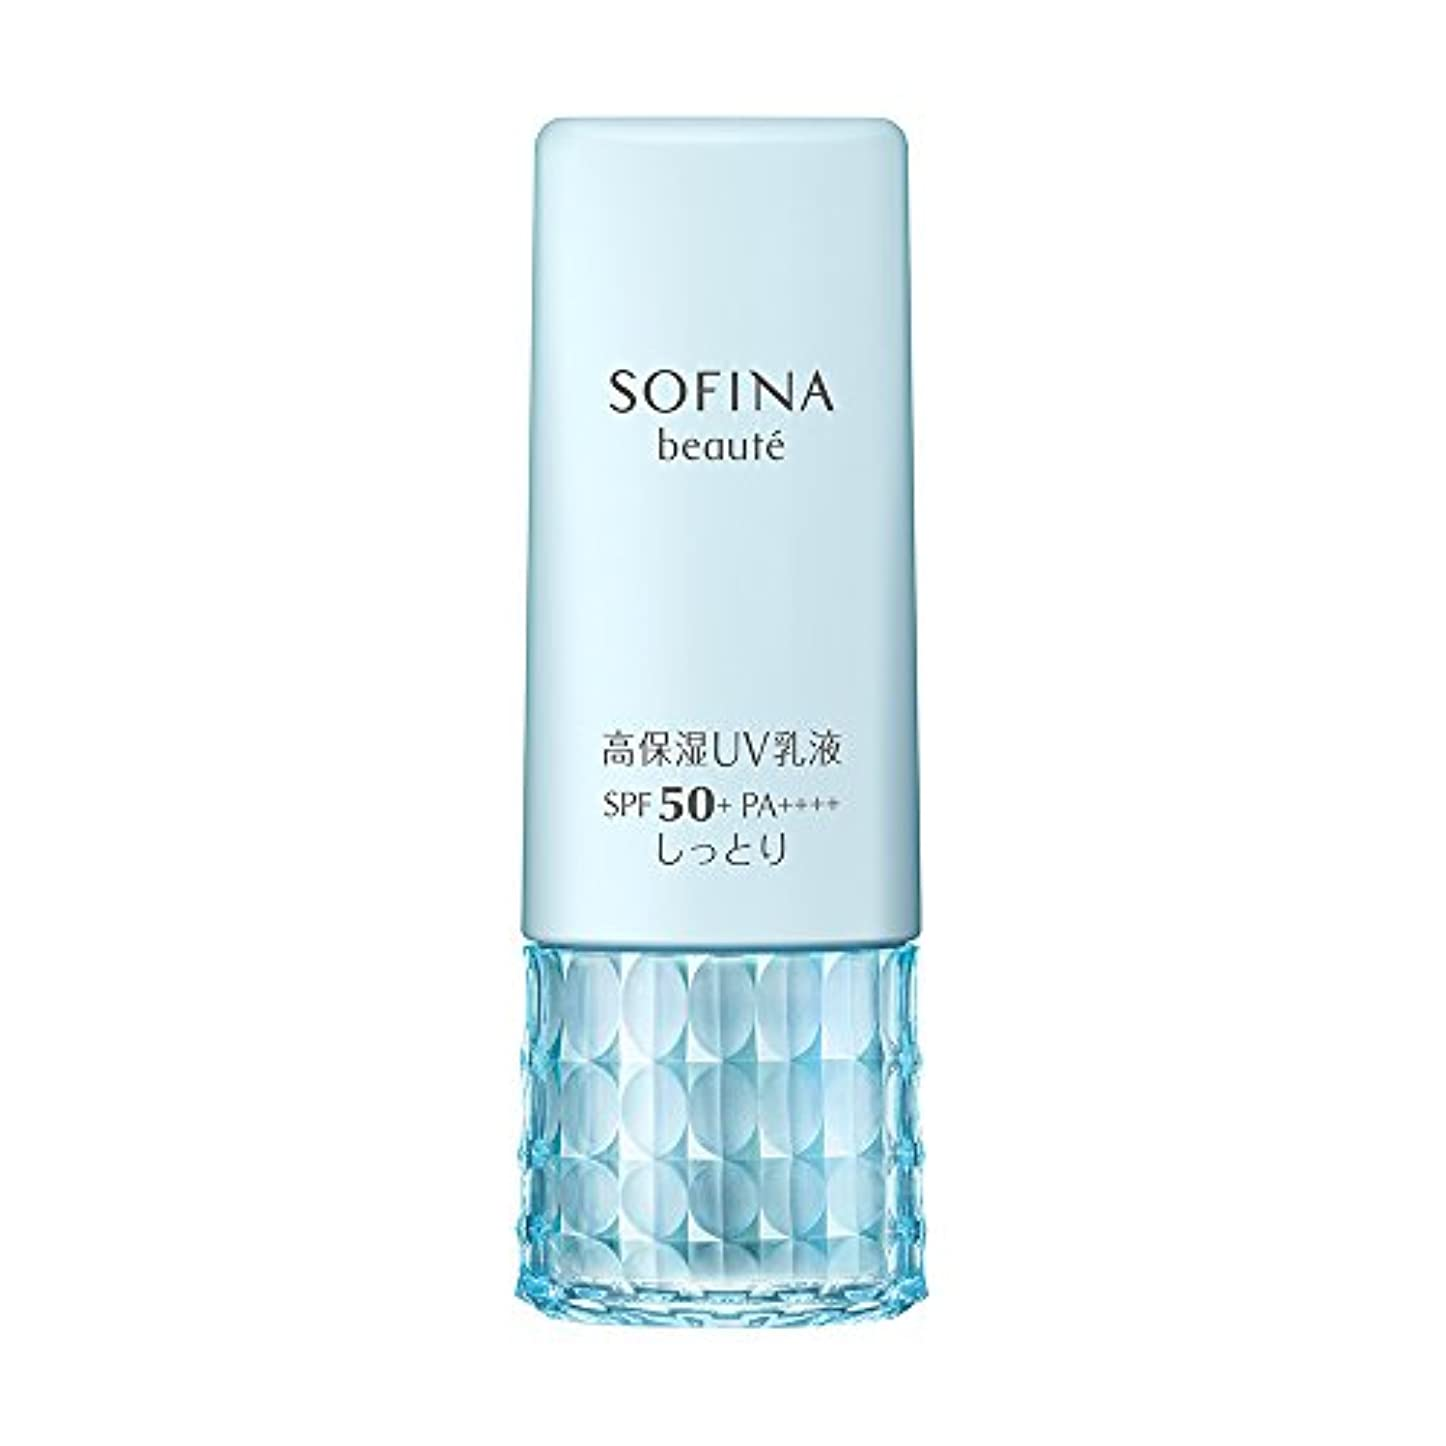 伝統嫌がらせすることになっているソフィーナボーテ 高保湿UV乳液 SPF50+ PA++++ しっとり 30g